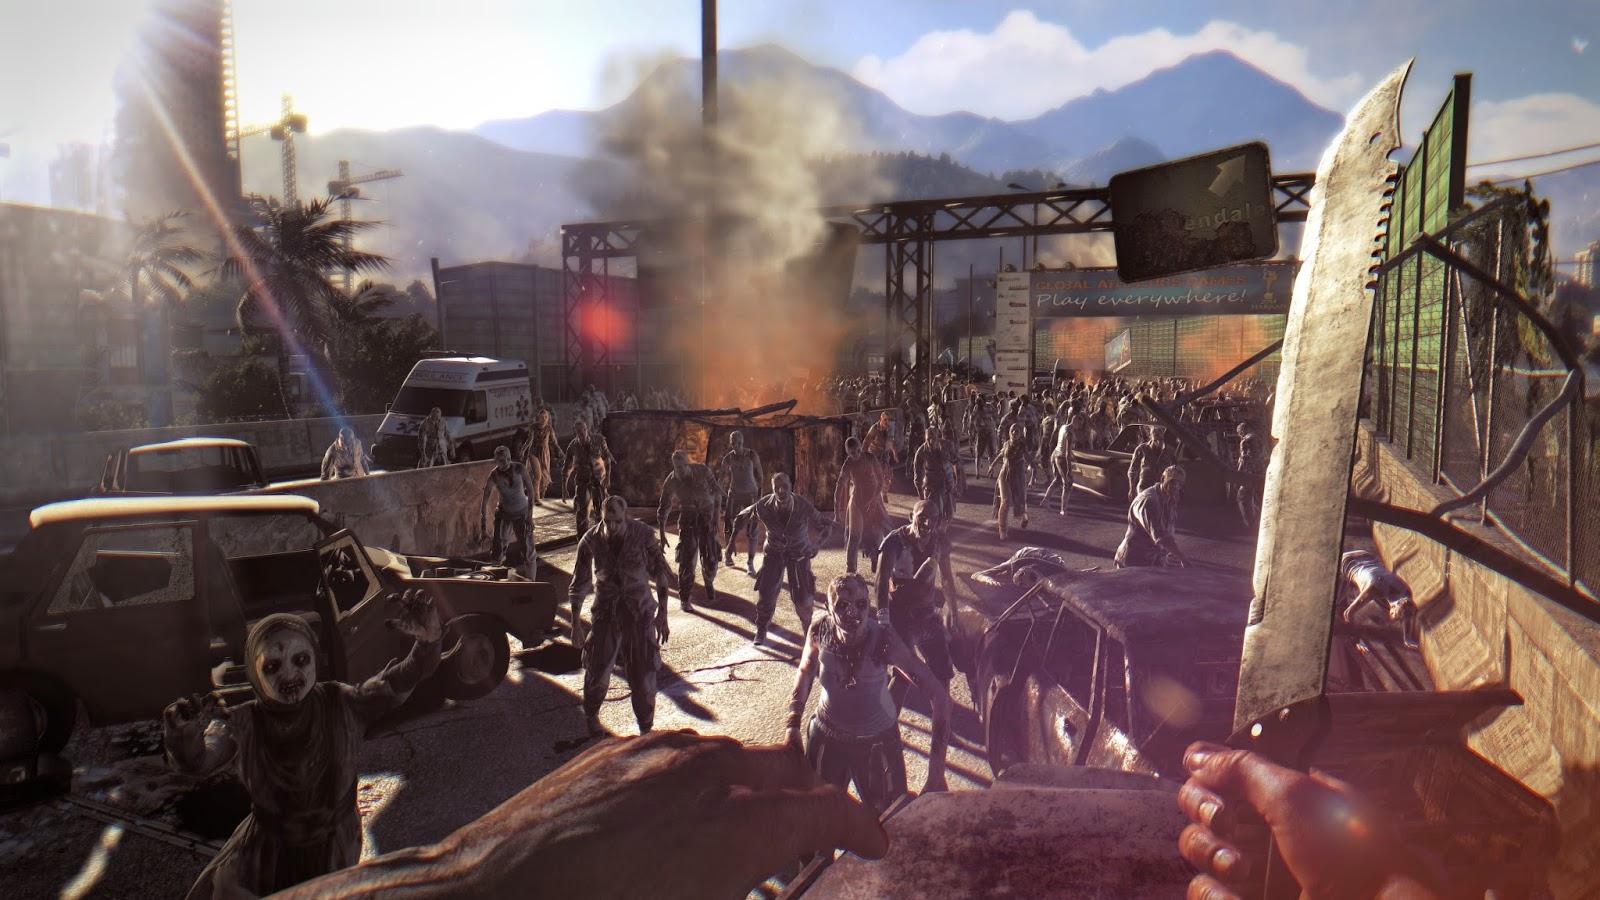 تحميل و تثيت لعبة Dying Light كاملة مع الاون لاين 1